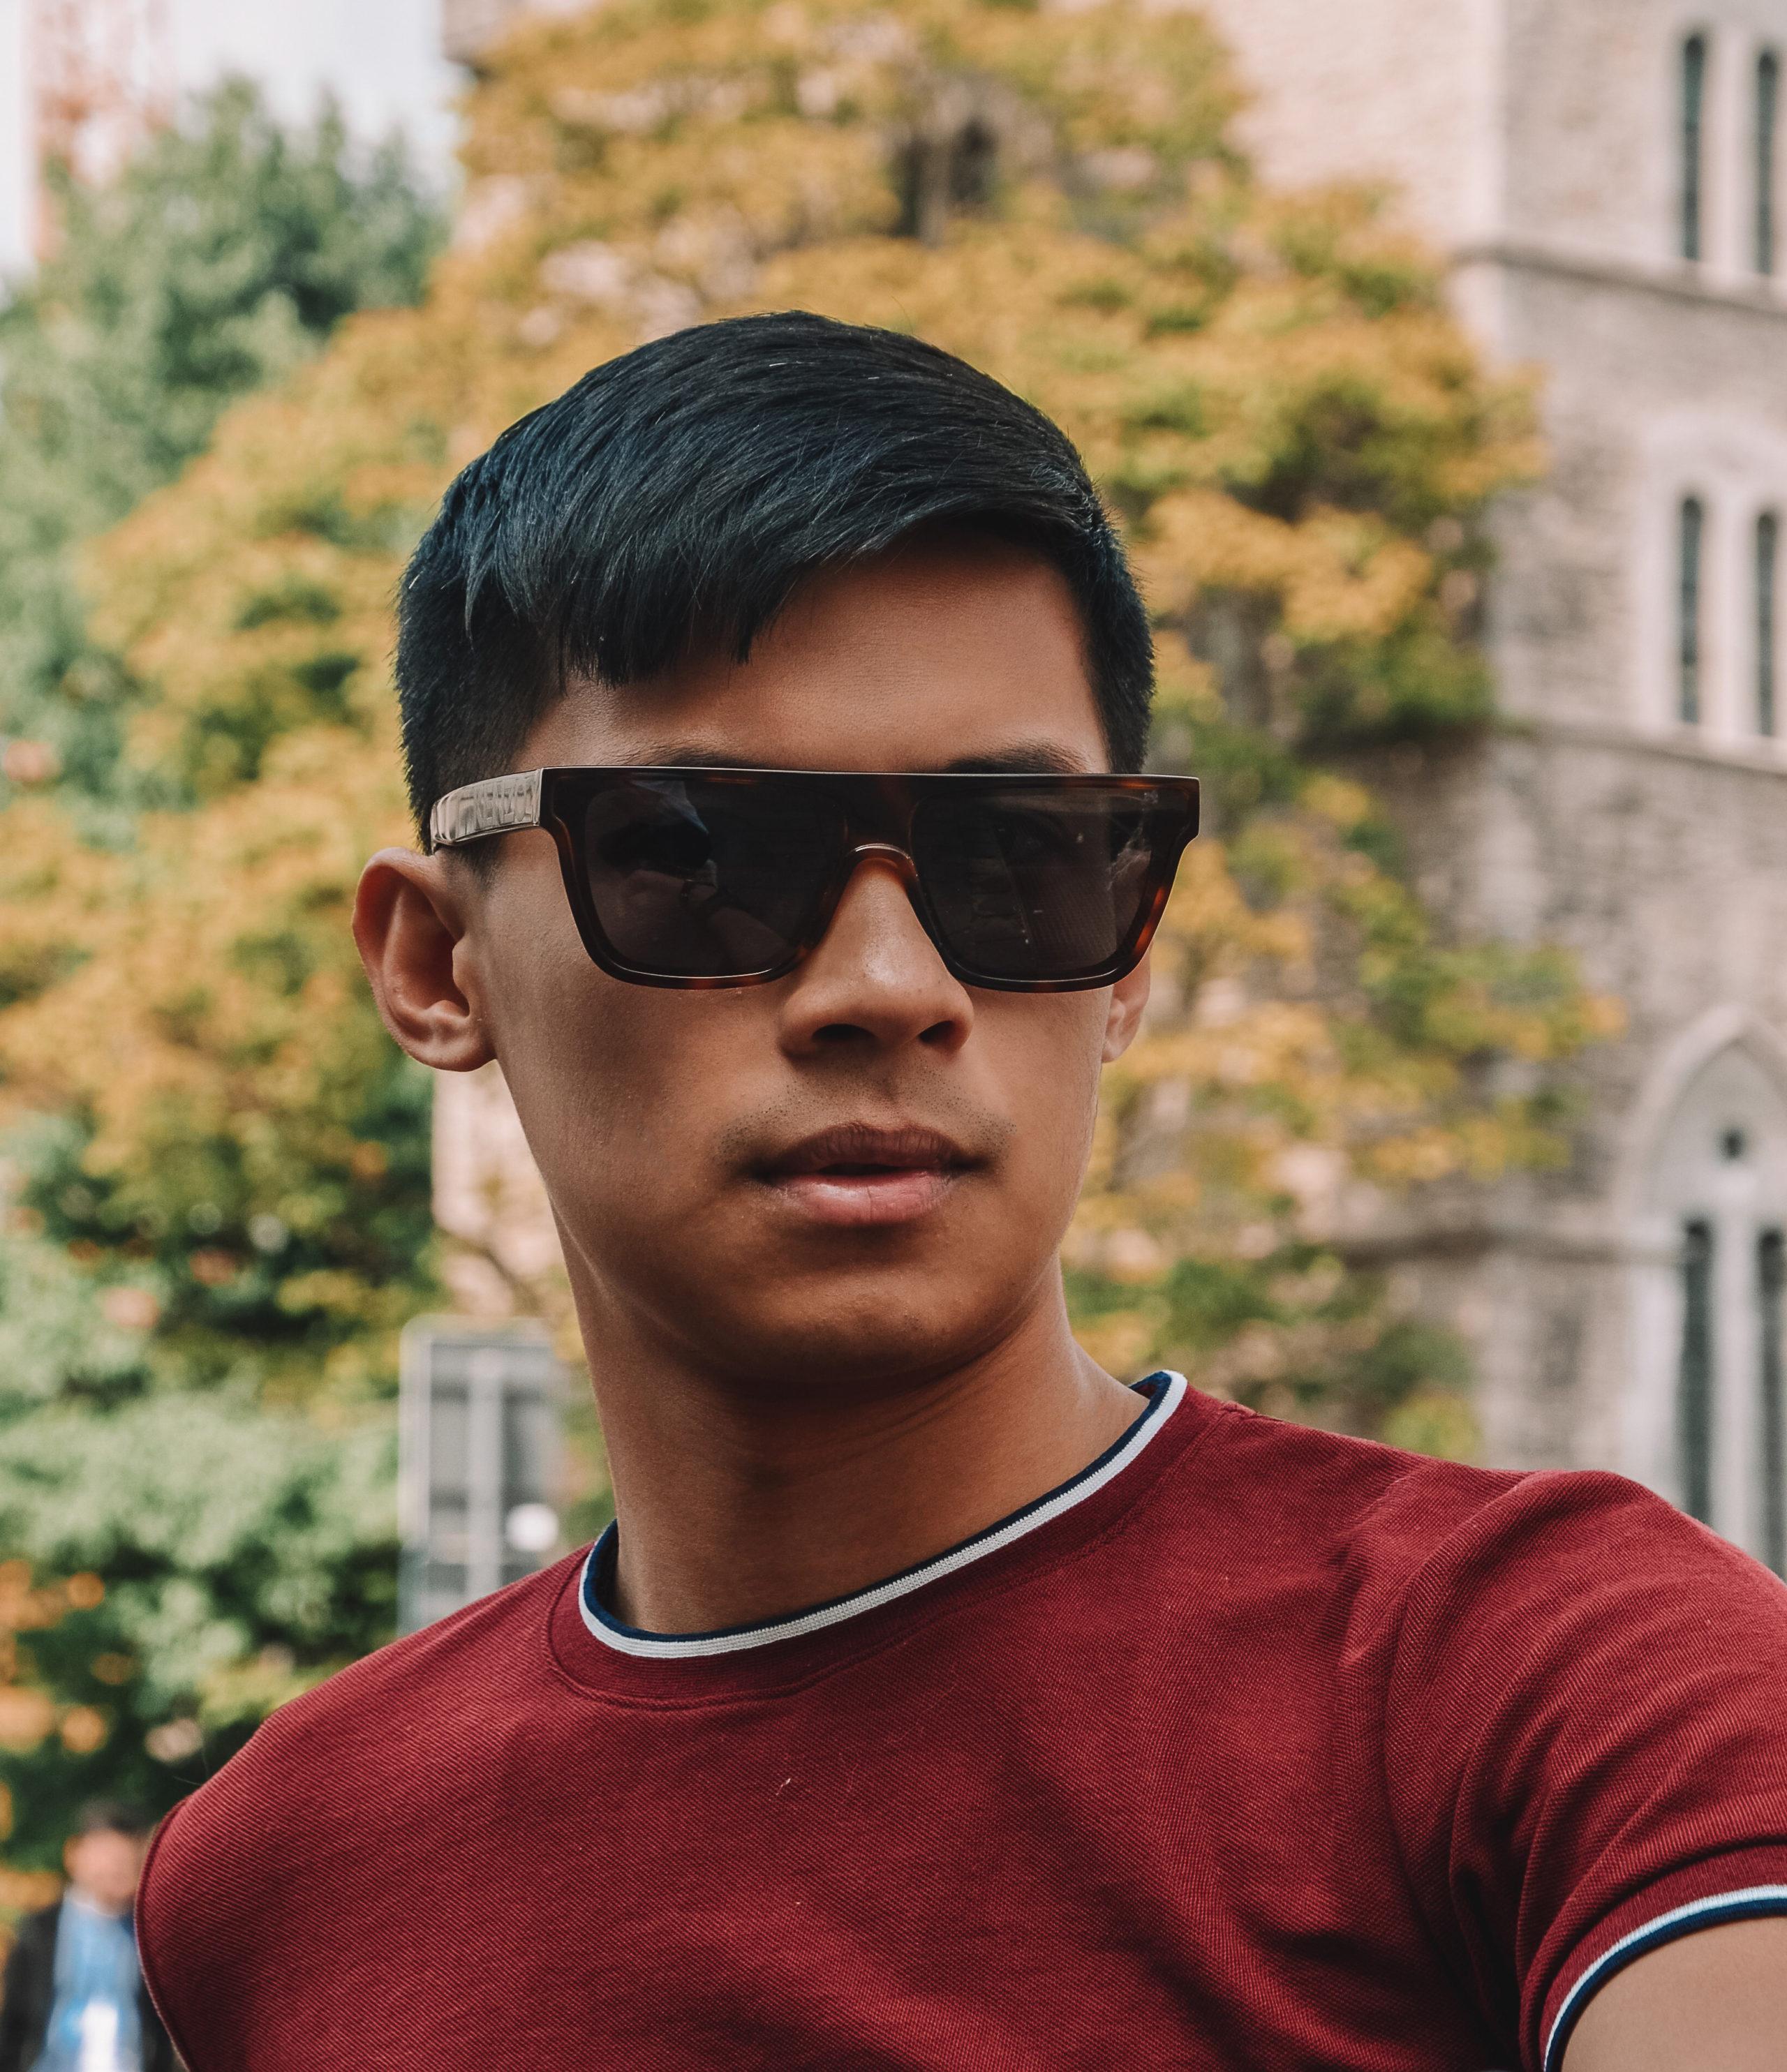 Kenzo brillen en zonnebrillen - Frames and Faces Deinze